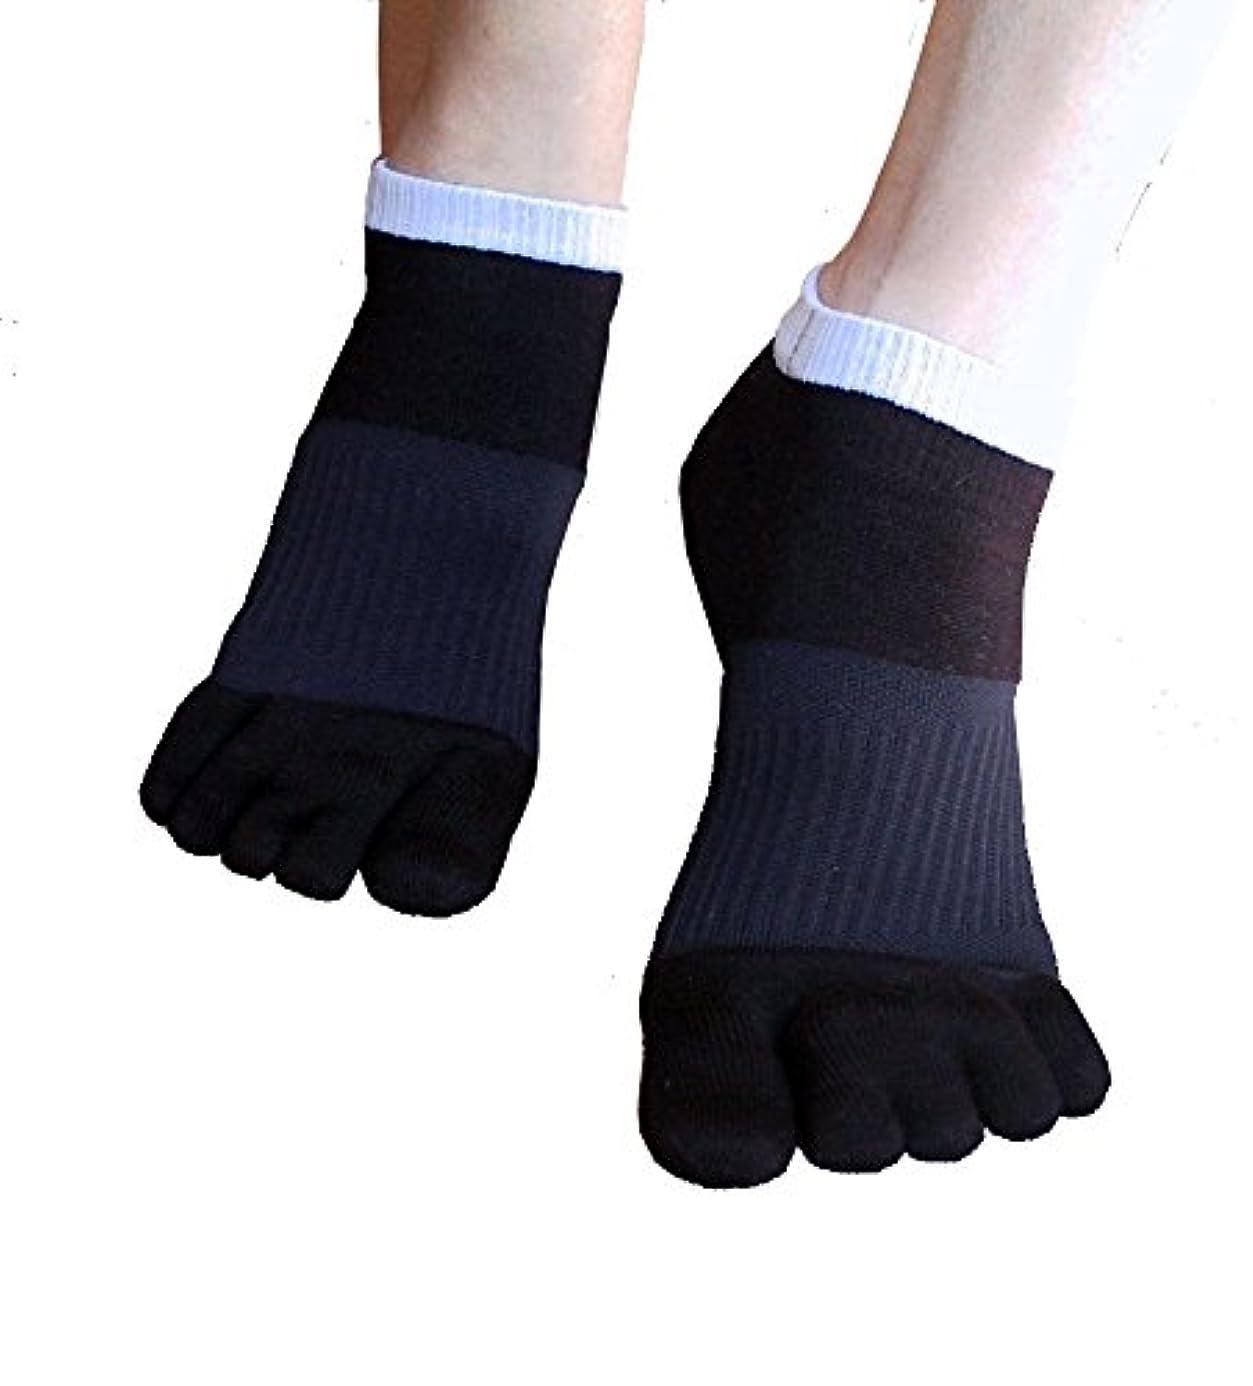 実用的ぬいぐるみ米国外反母趾対策 ふしぎな5本指テーピング靴下 スニーカータイプ 22-24cm?ブラック(色は2色、サイズは3サイズ)